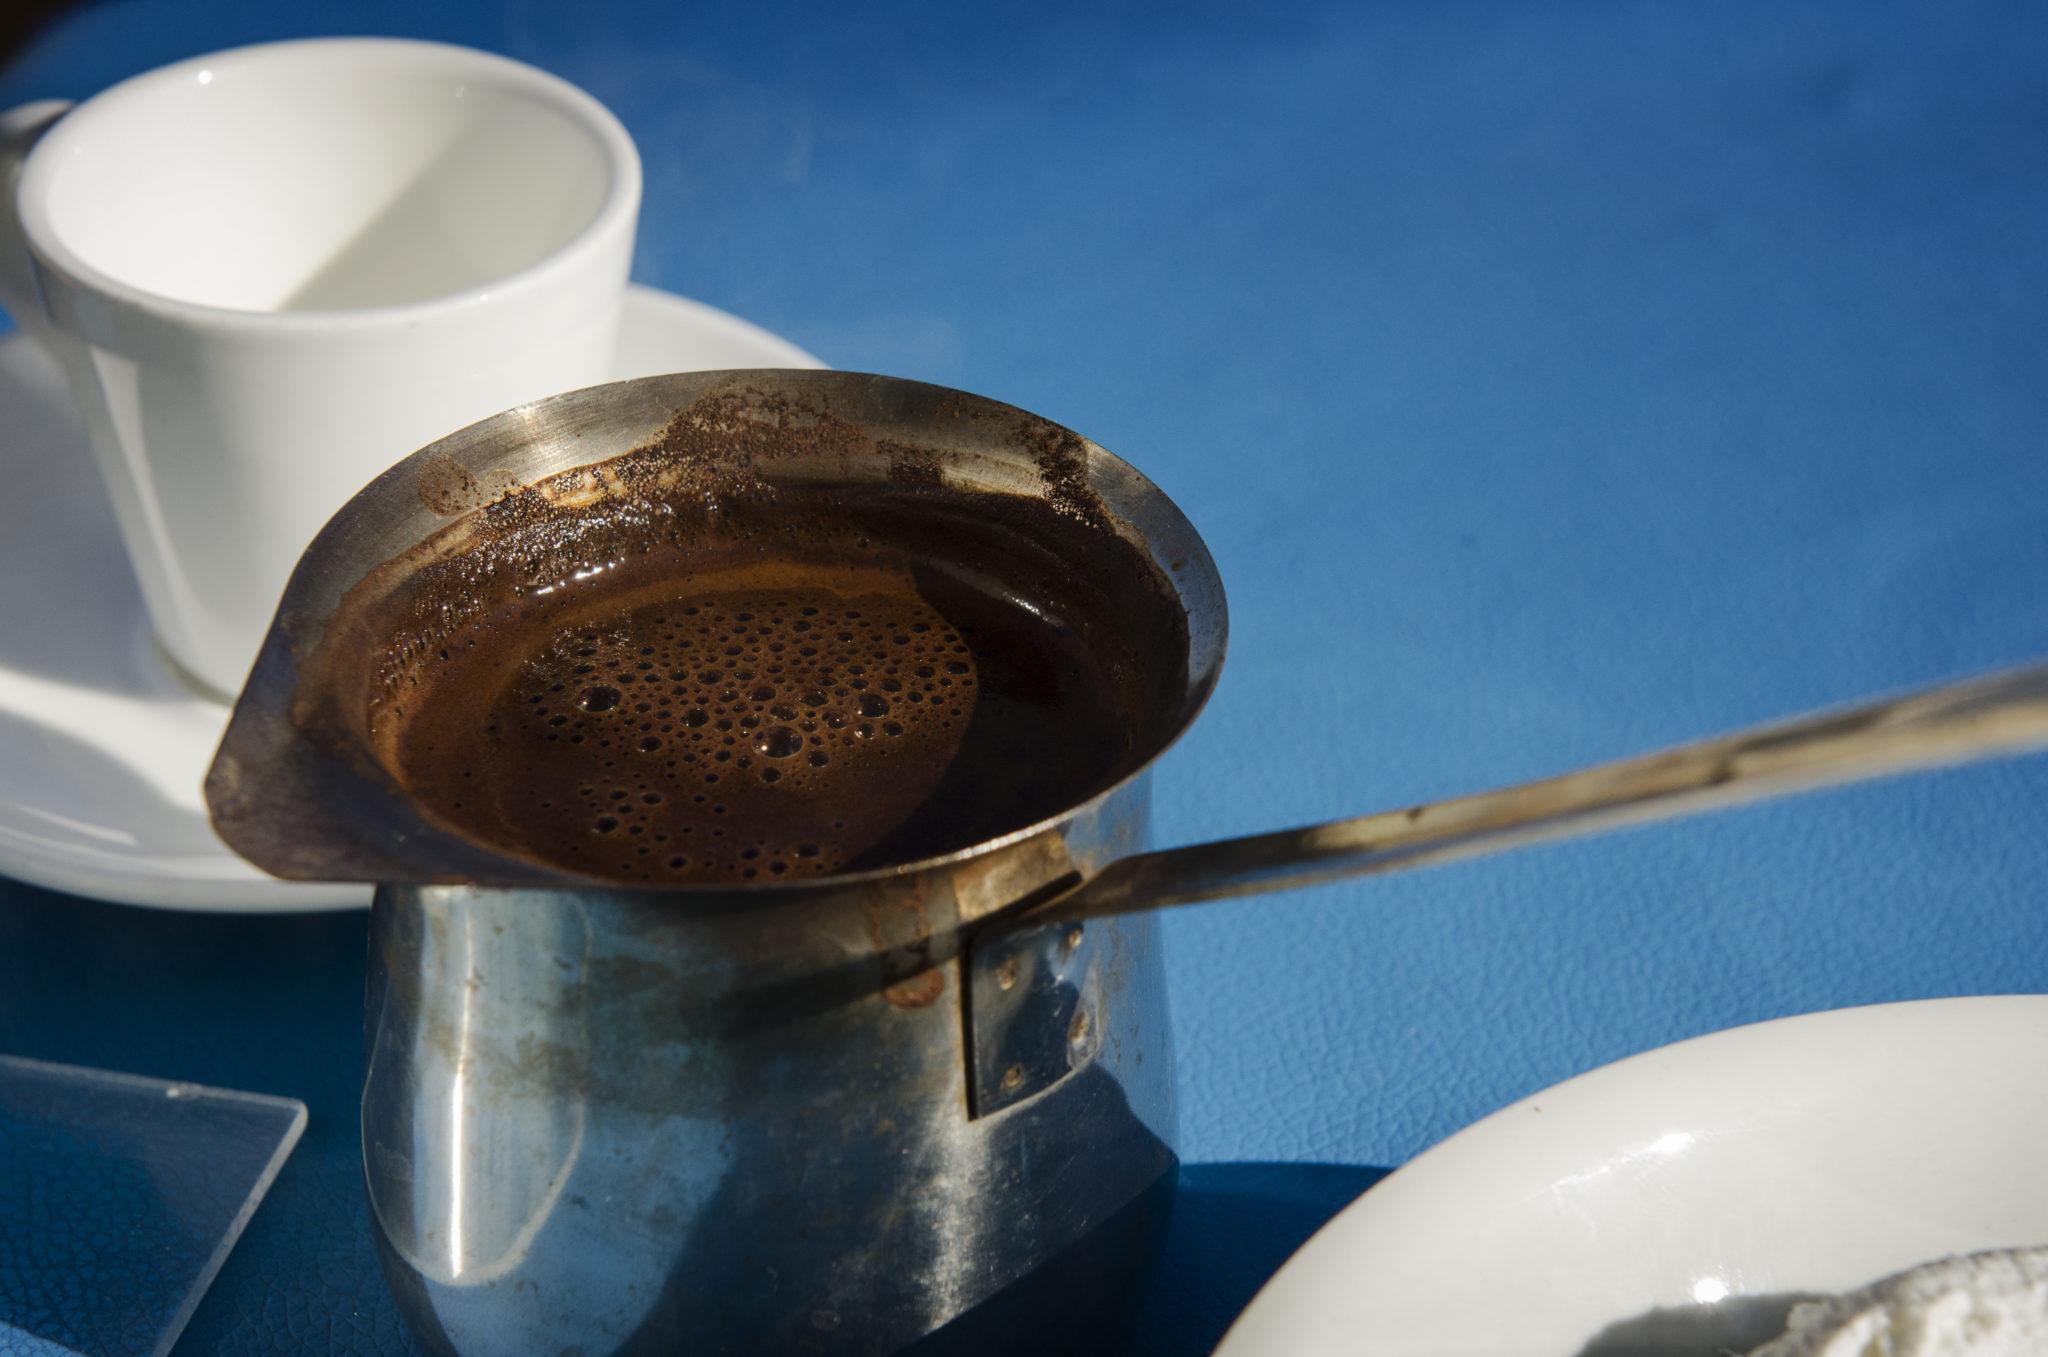 Libanon-Sehenswuerdigkeiten-Kaffee